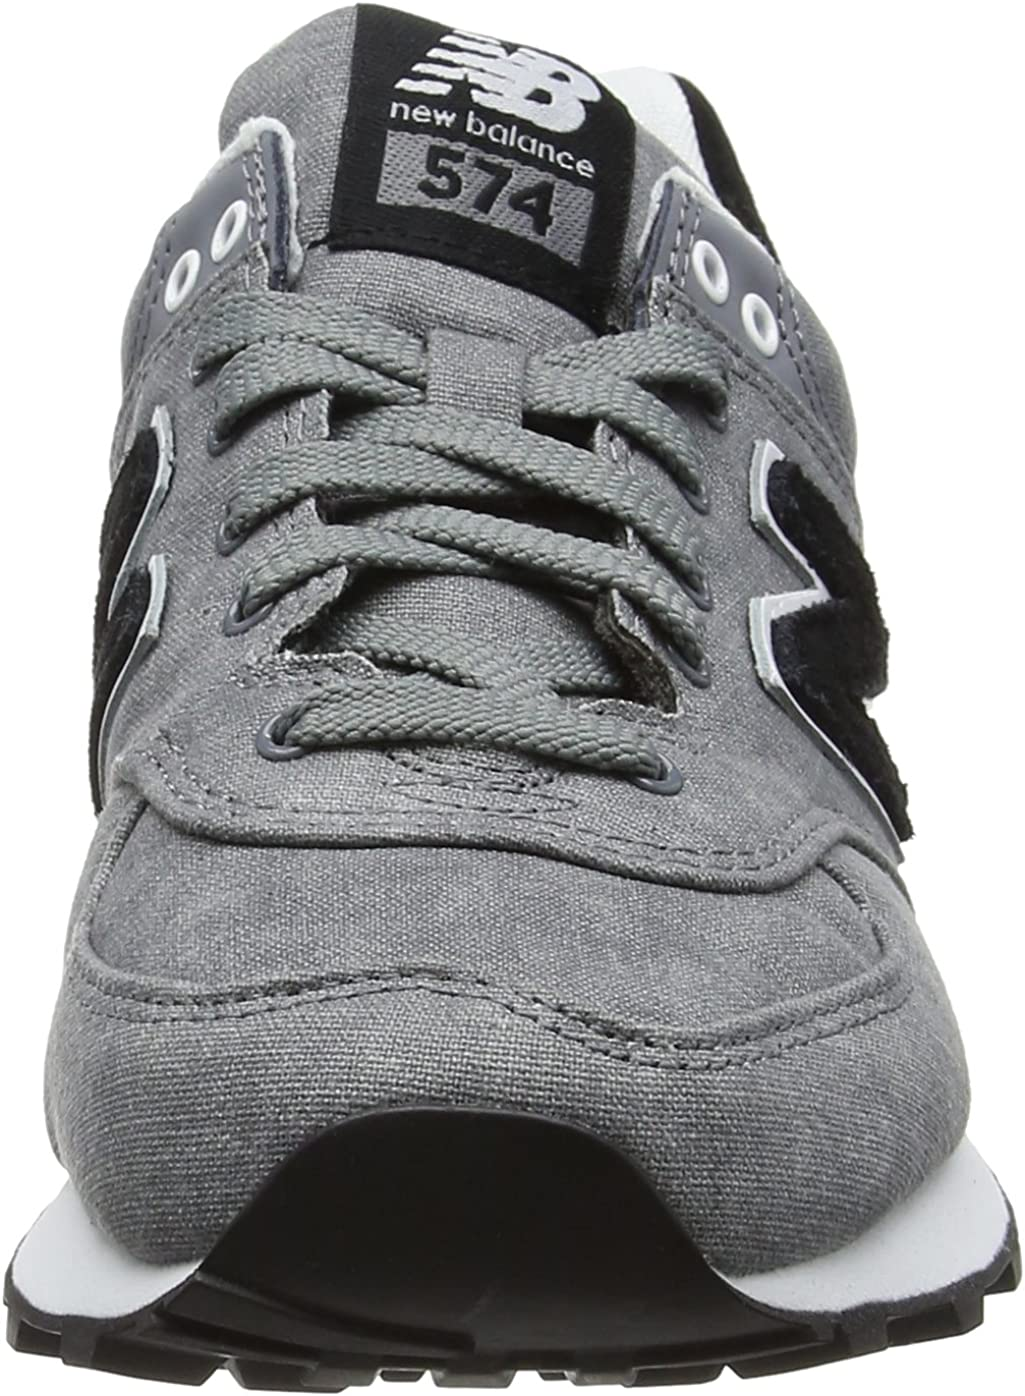 New Balance WL574SWC B - Zapatillas para Mujer, Gris (Grey), 35 EU: Amazon.es: Zapatos y complementos